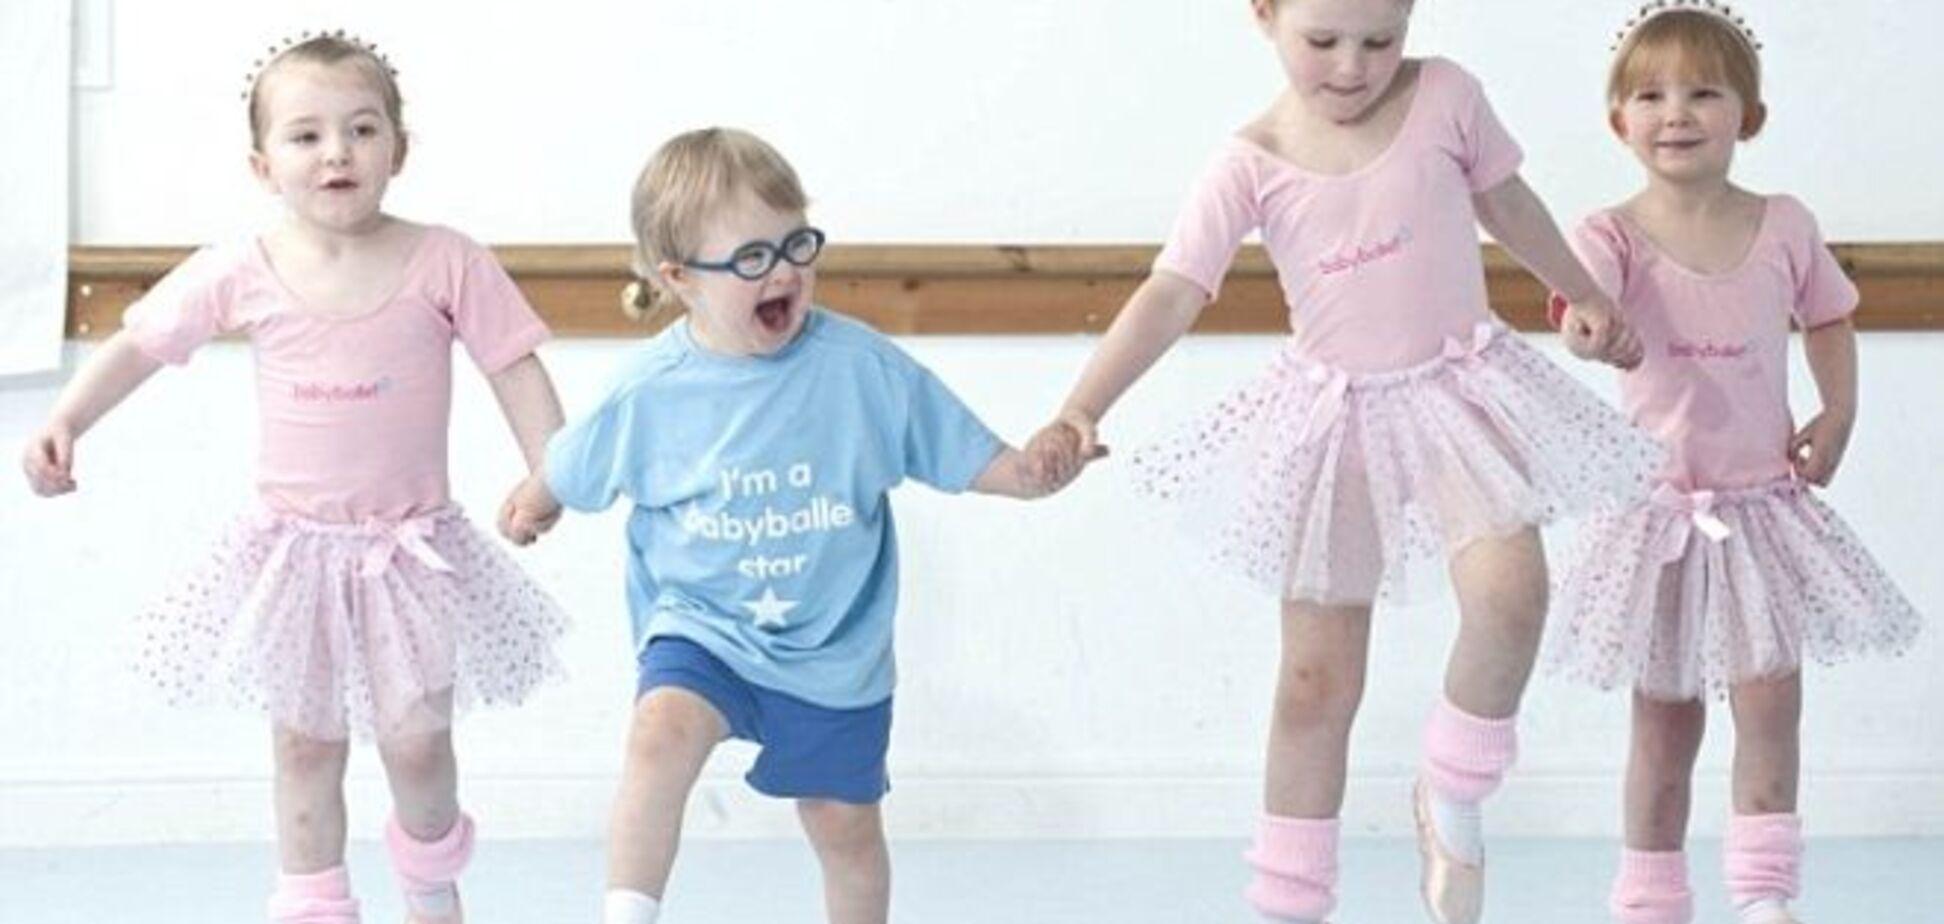 Балет развил физические способности малыша с синдромом Дауна